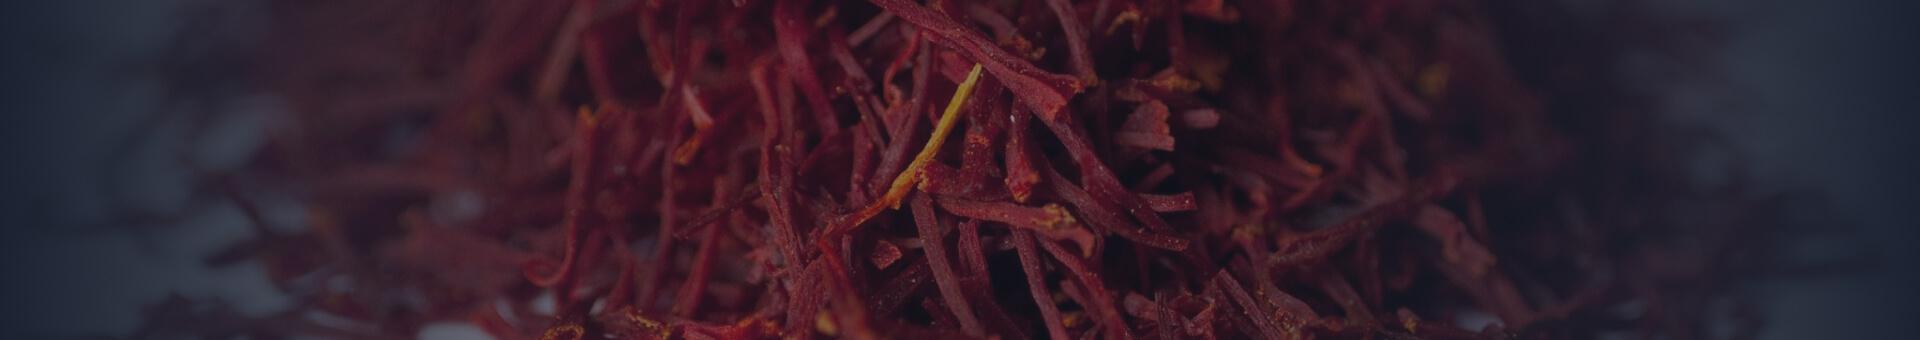 Eat Saffron